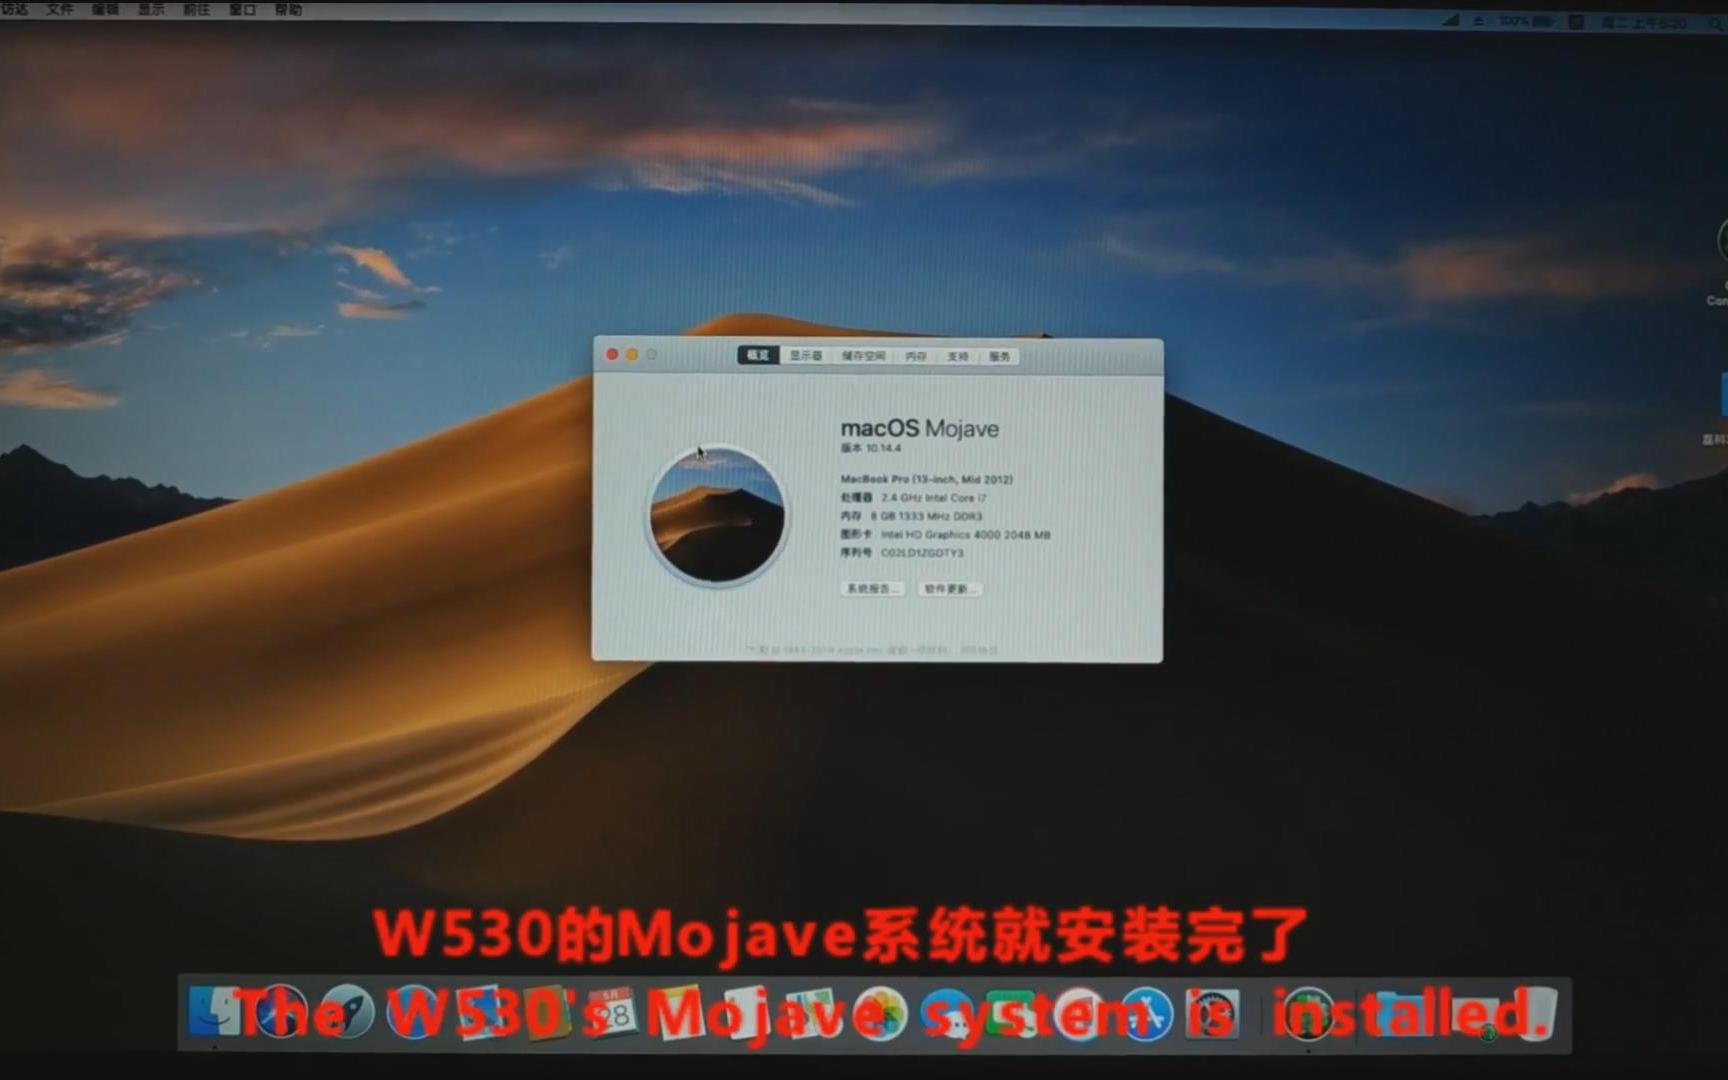 完美黑苹果笔记本_ThinkPad W530安装macOS Mojave 10.14.4详细教程_哔哩哔哩 (゜-゜)つロ 干 ...